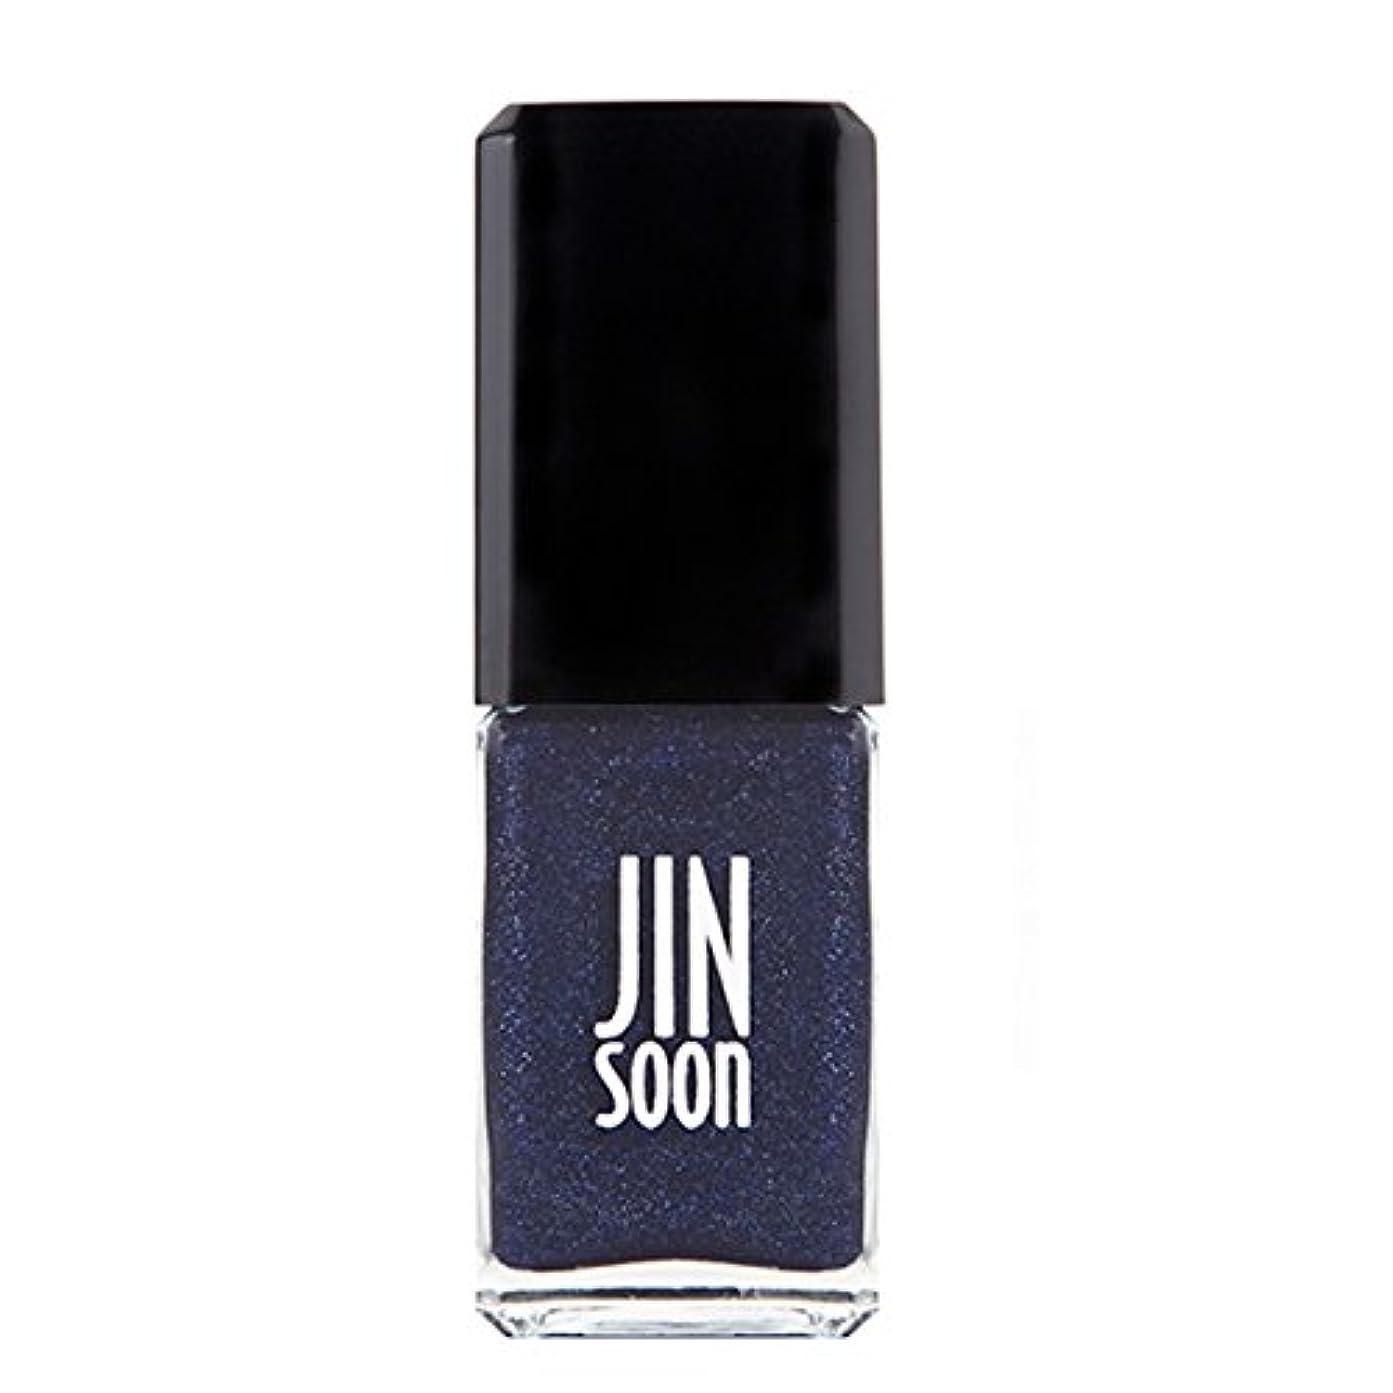 現代魅力的極地[ジンスーン] [ jinsoon] アズライト(スパークリング ミッドナイト ブルー)AZURITE ジンスーン 5フリー ネイルポリッシュ ブルー 11mL